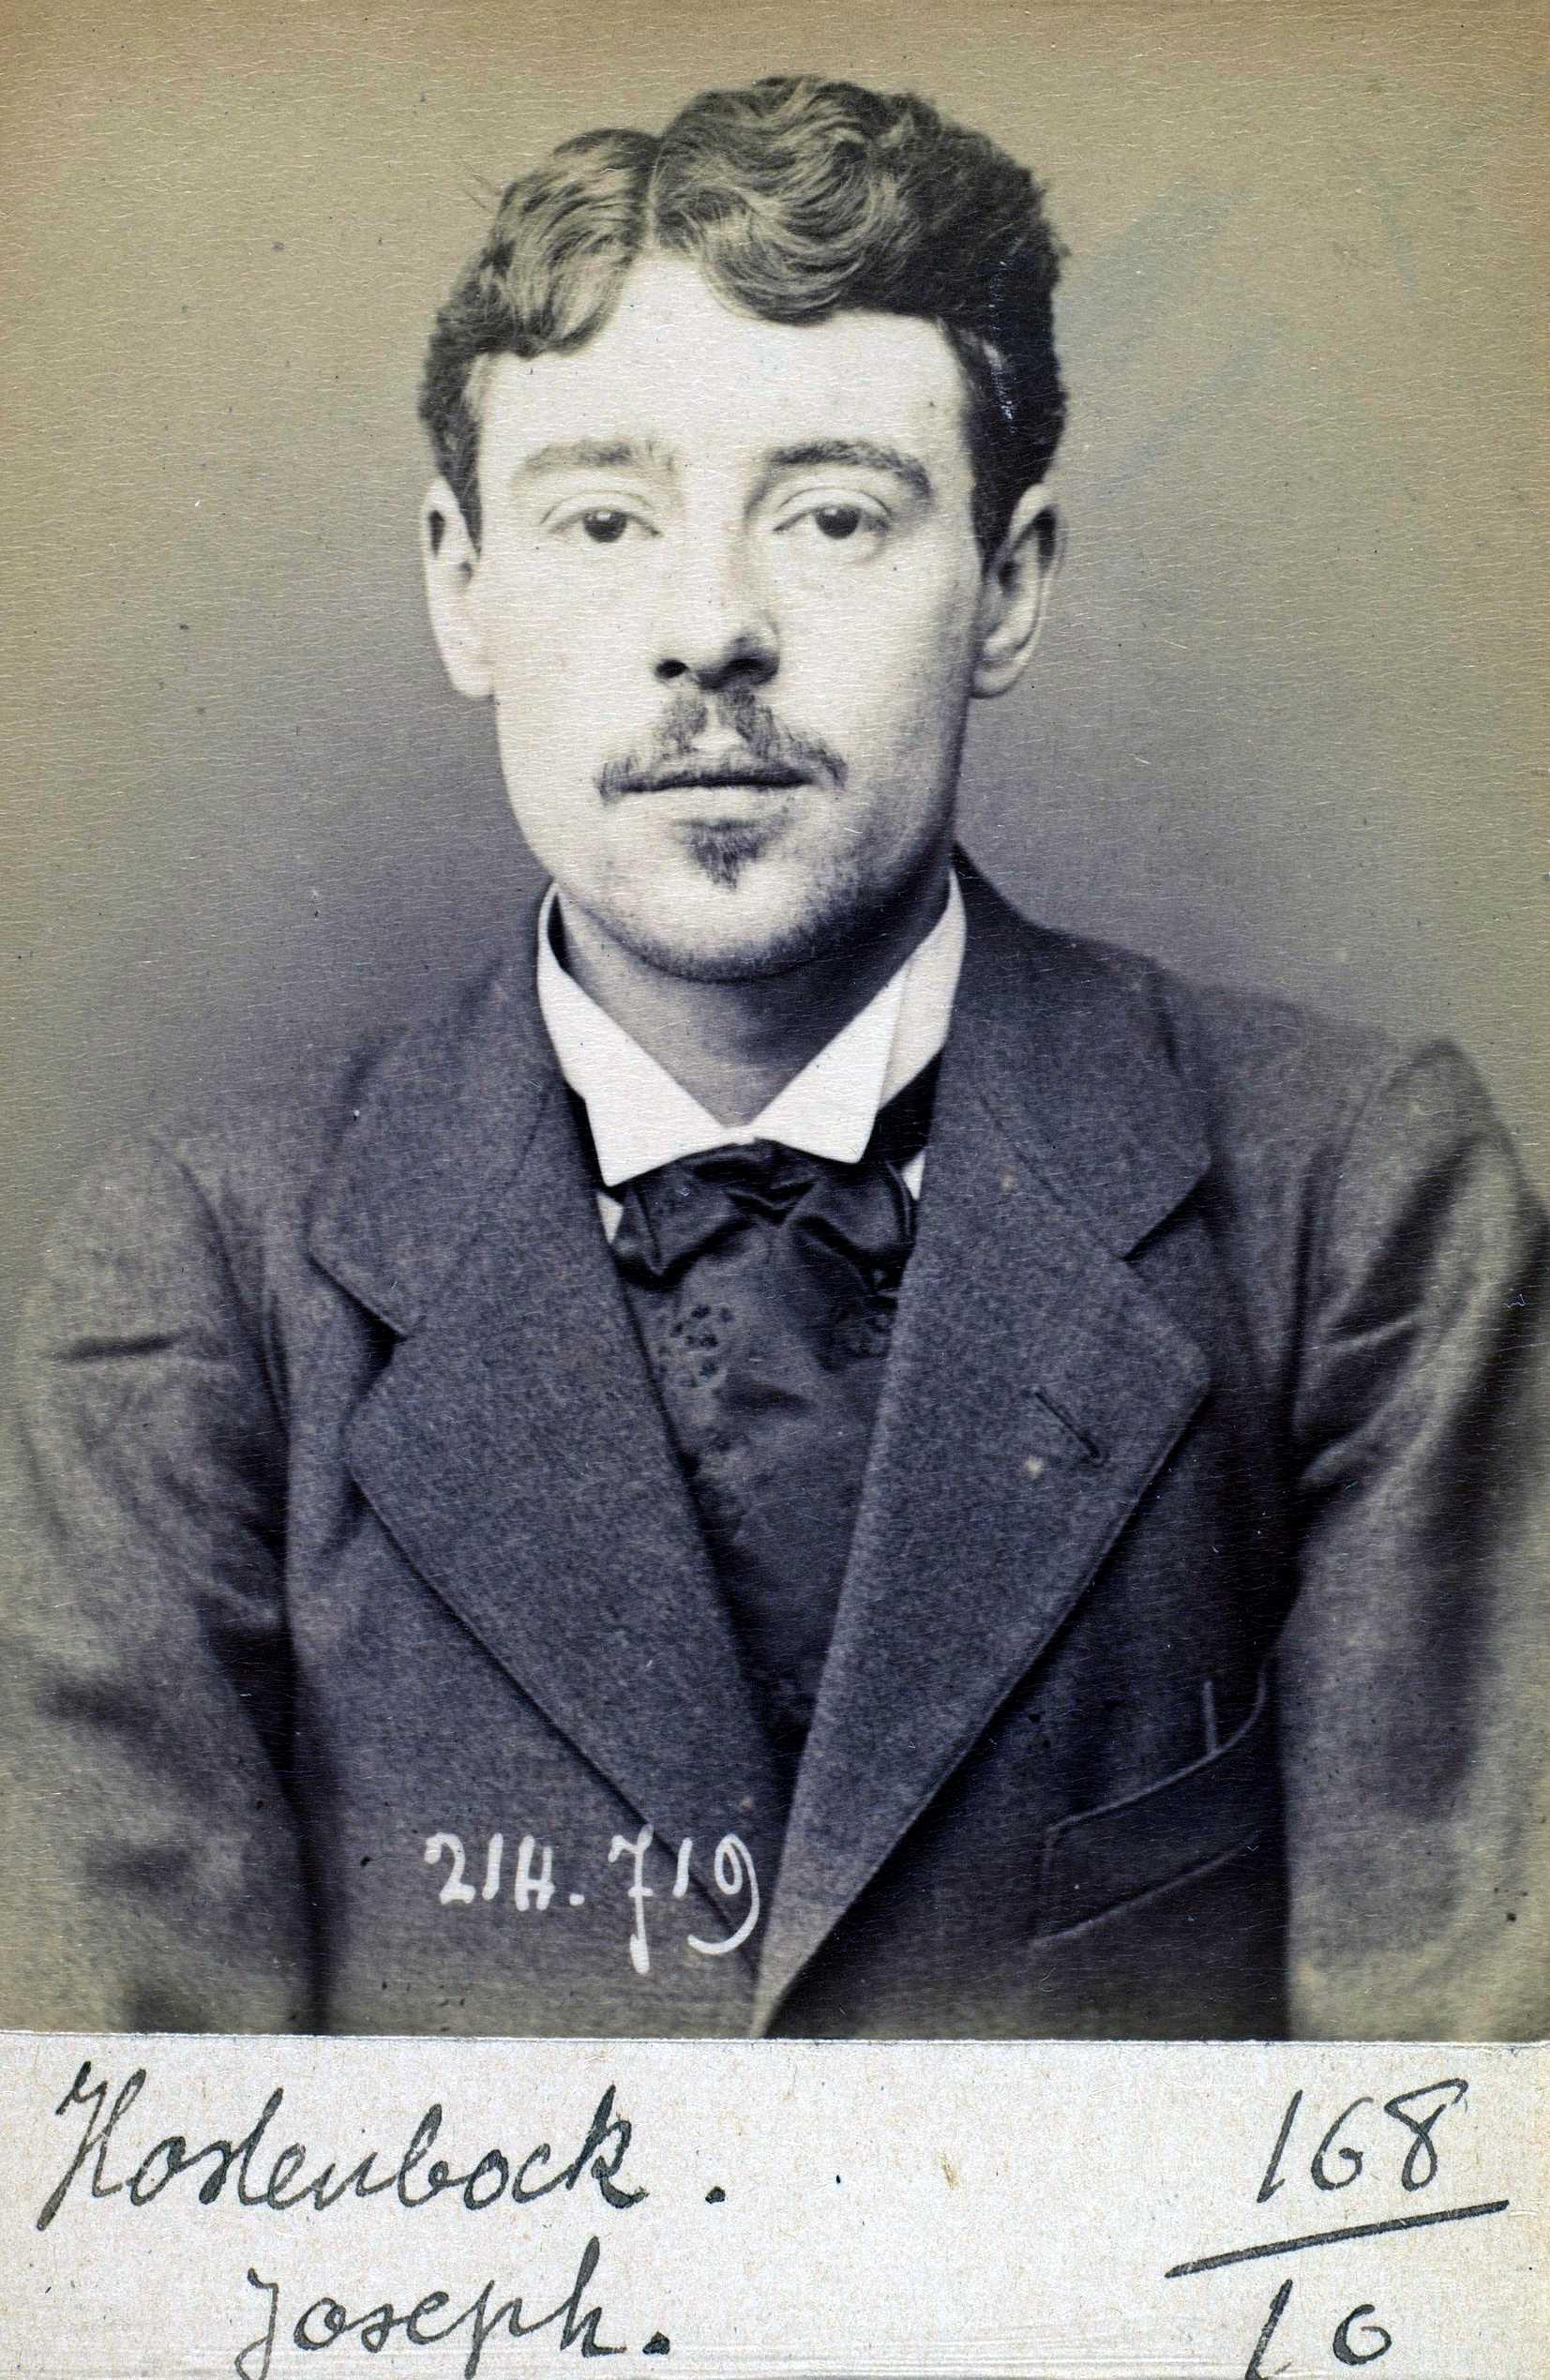 Foto policíaca de Joseph Hostenbock (26 de febrer 1894)